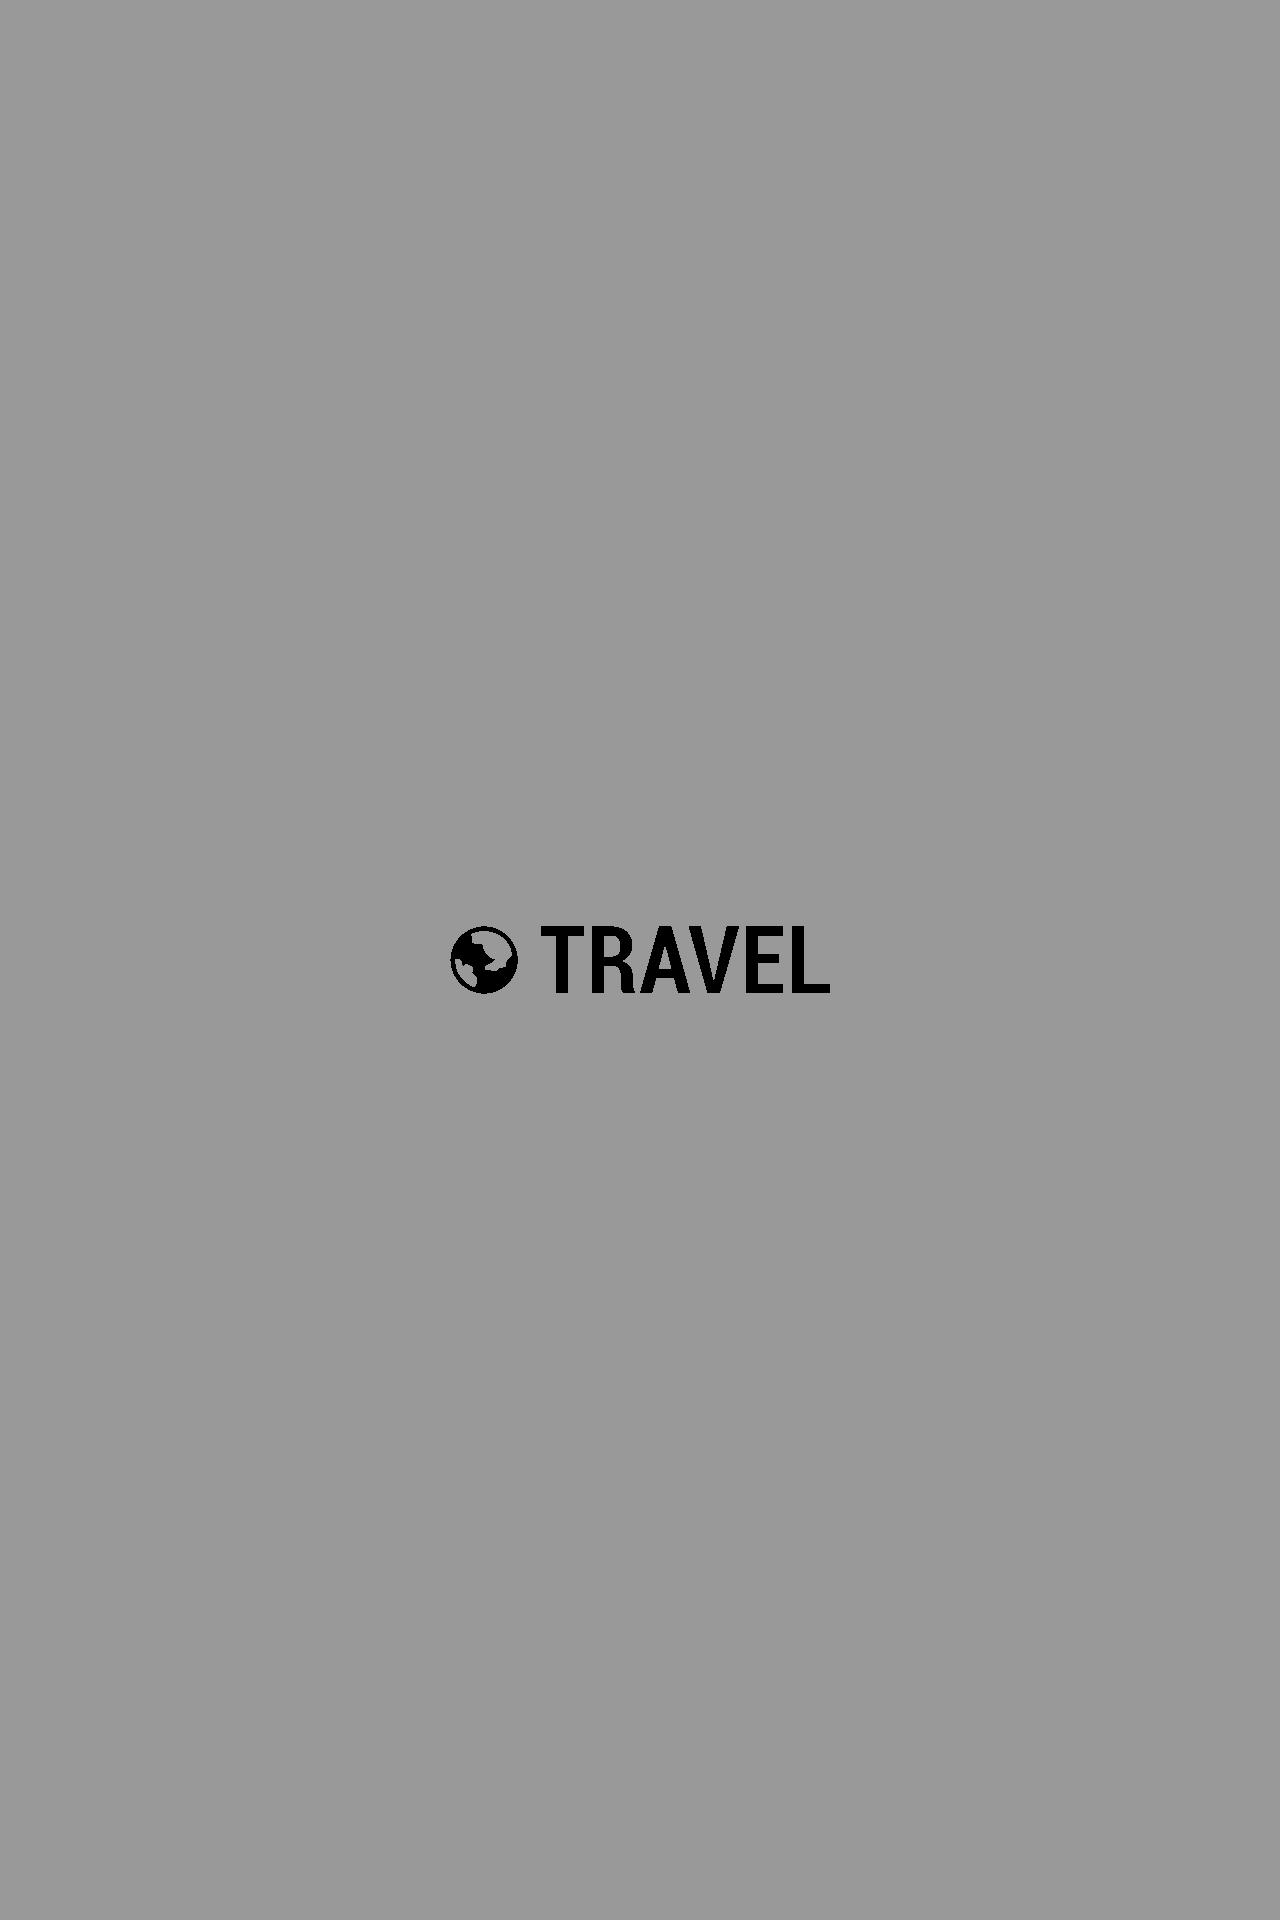 Blog---Travel---Test.png